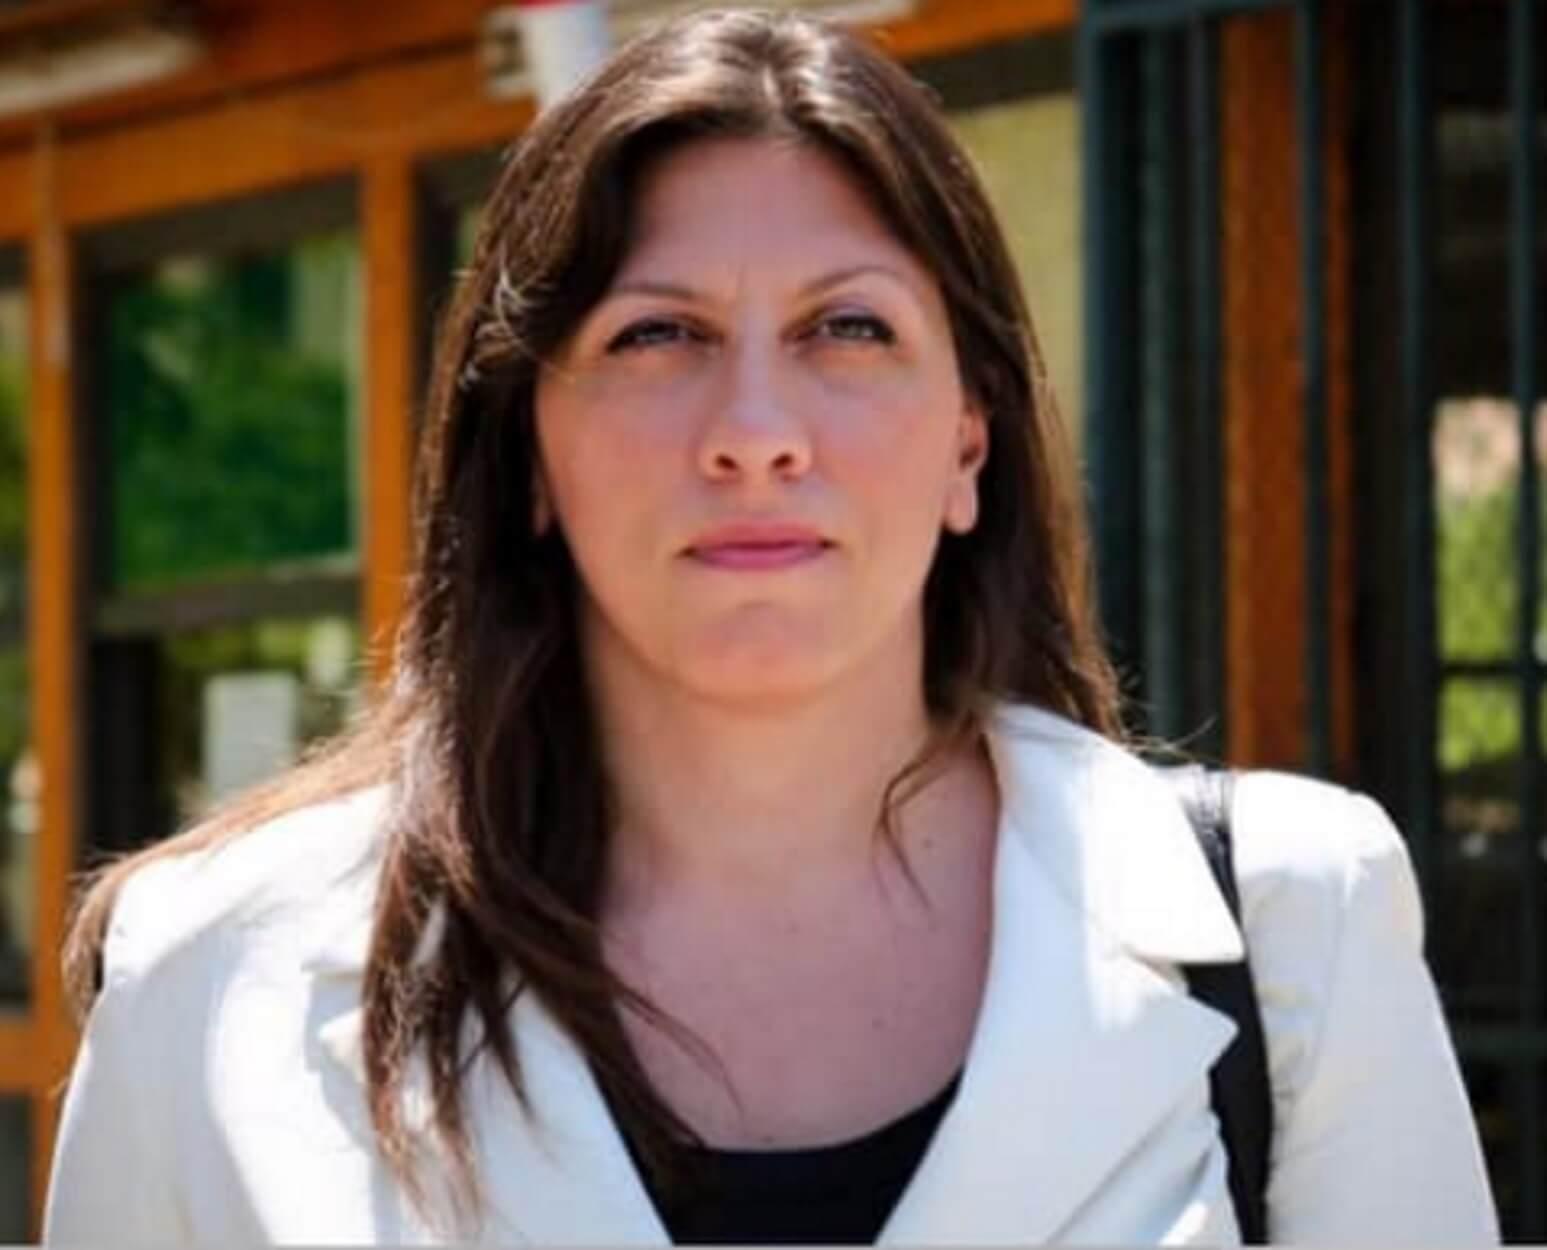 Ζωή Κωνσταντοπούλου σε Πολάκη: Είσαι κανίς που κάνει την πάπια